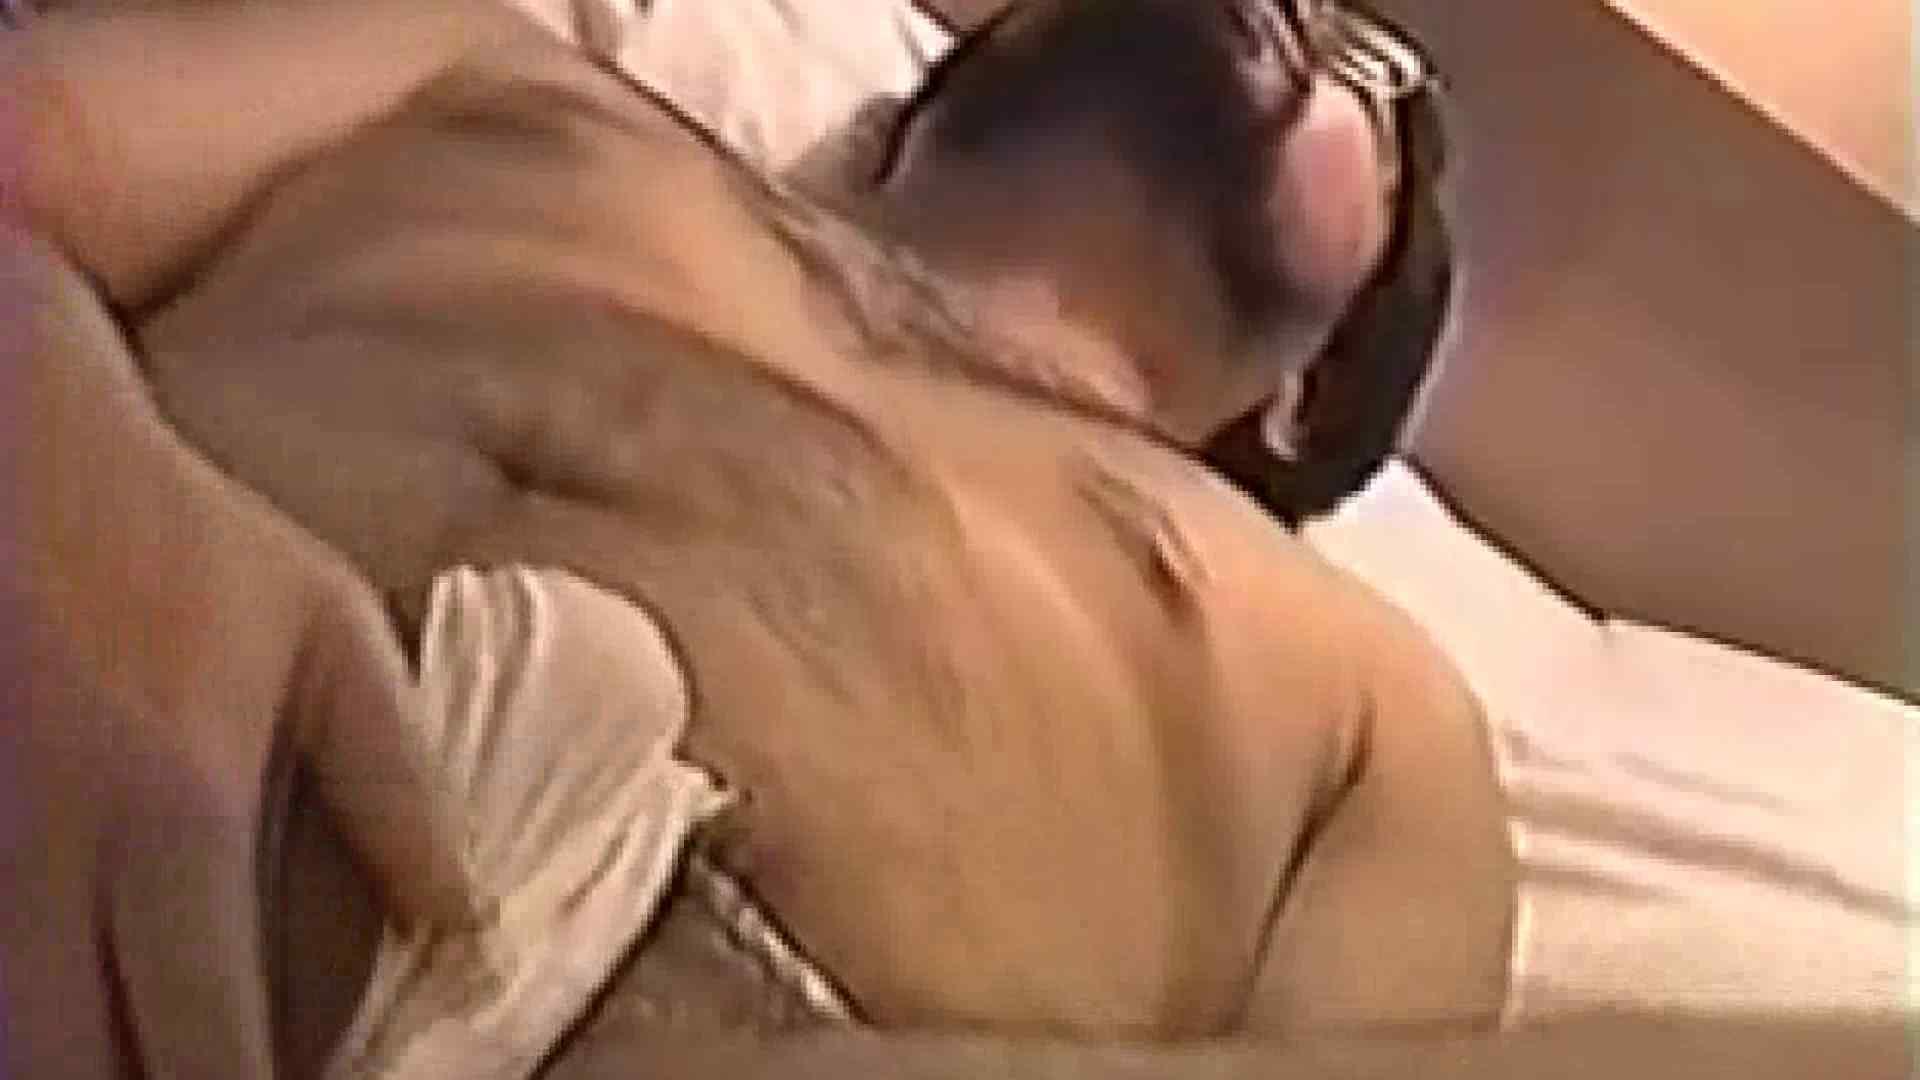 オナニーでほえろ なんじゃこりゃぁあ!!Vol.08前編 チンポパラダイス ゲイSEX画像 105連発 44